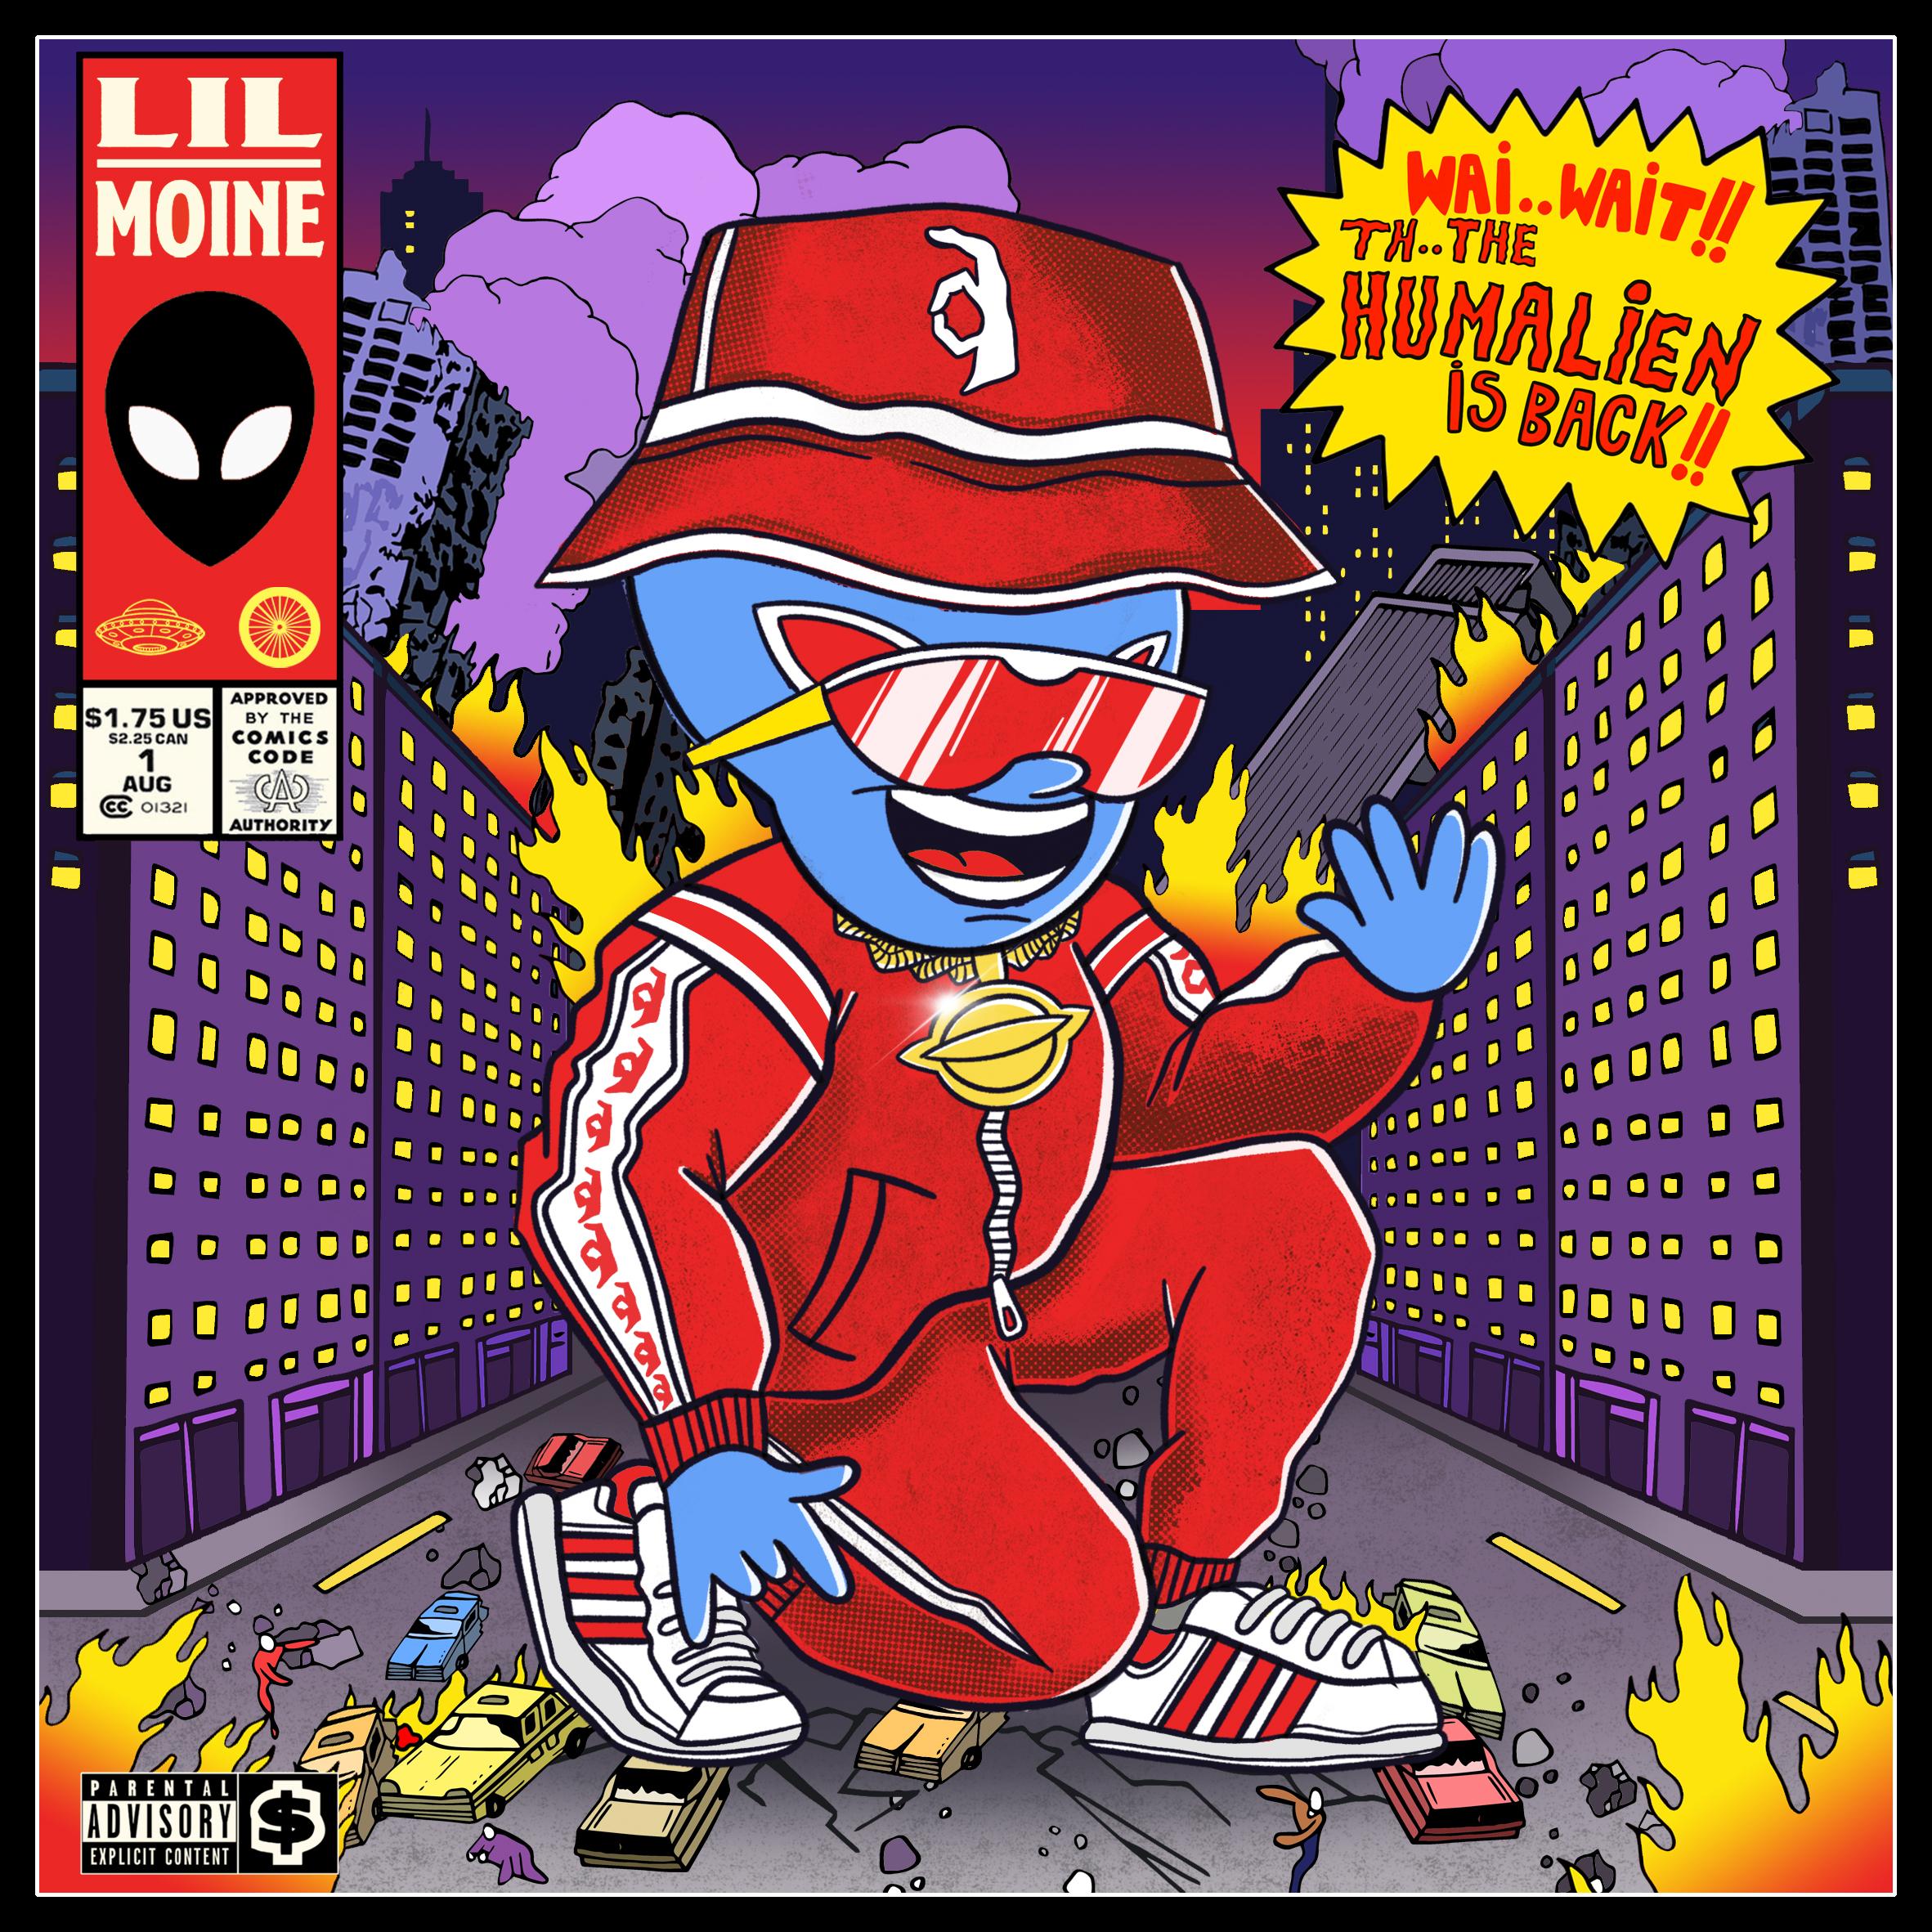 Humalien-Lil Moine